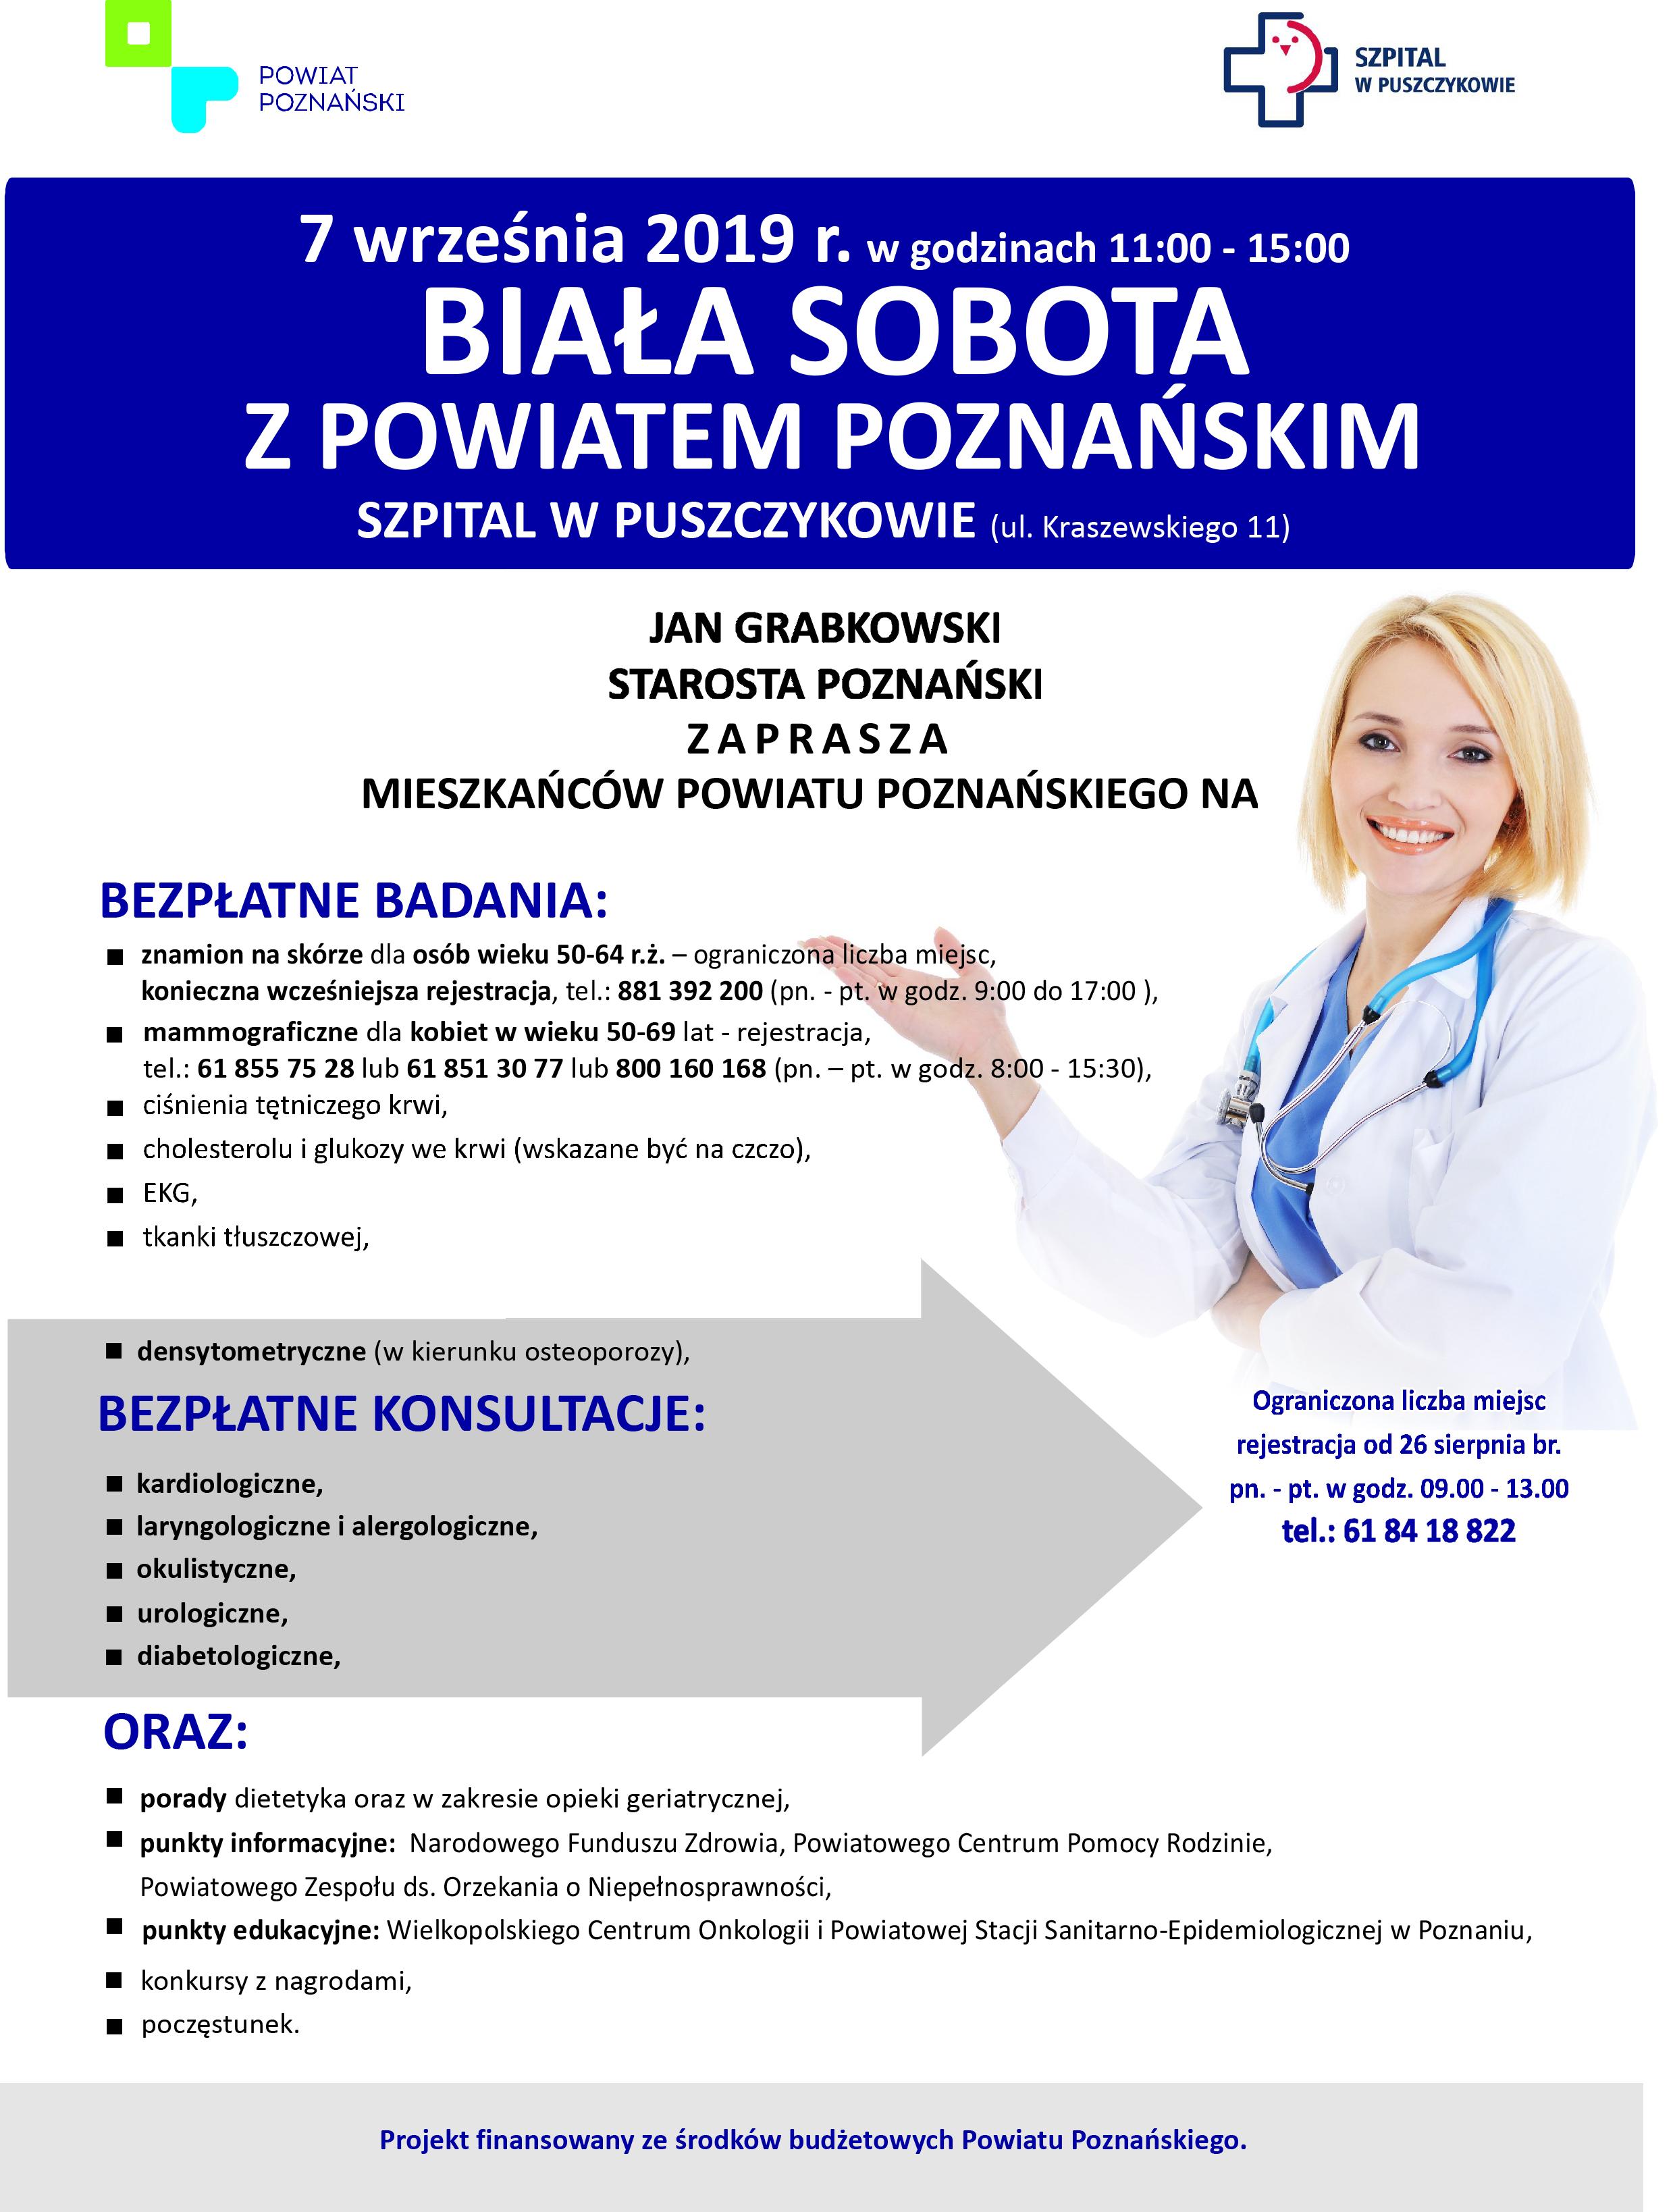 https://powiat.poznan.pl/wp-content/uploads/2019/08/Bia%C5%82a-Sobota-z-Powiatem-Pozna%C5%84skim-2019-jpg.jpg